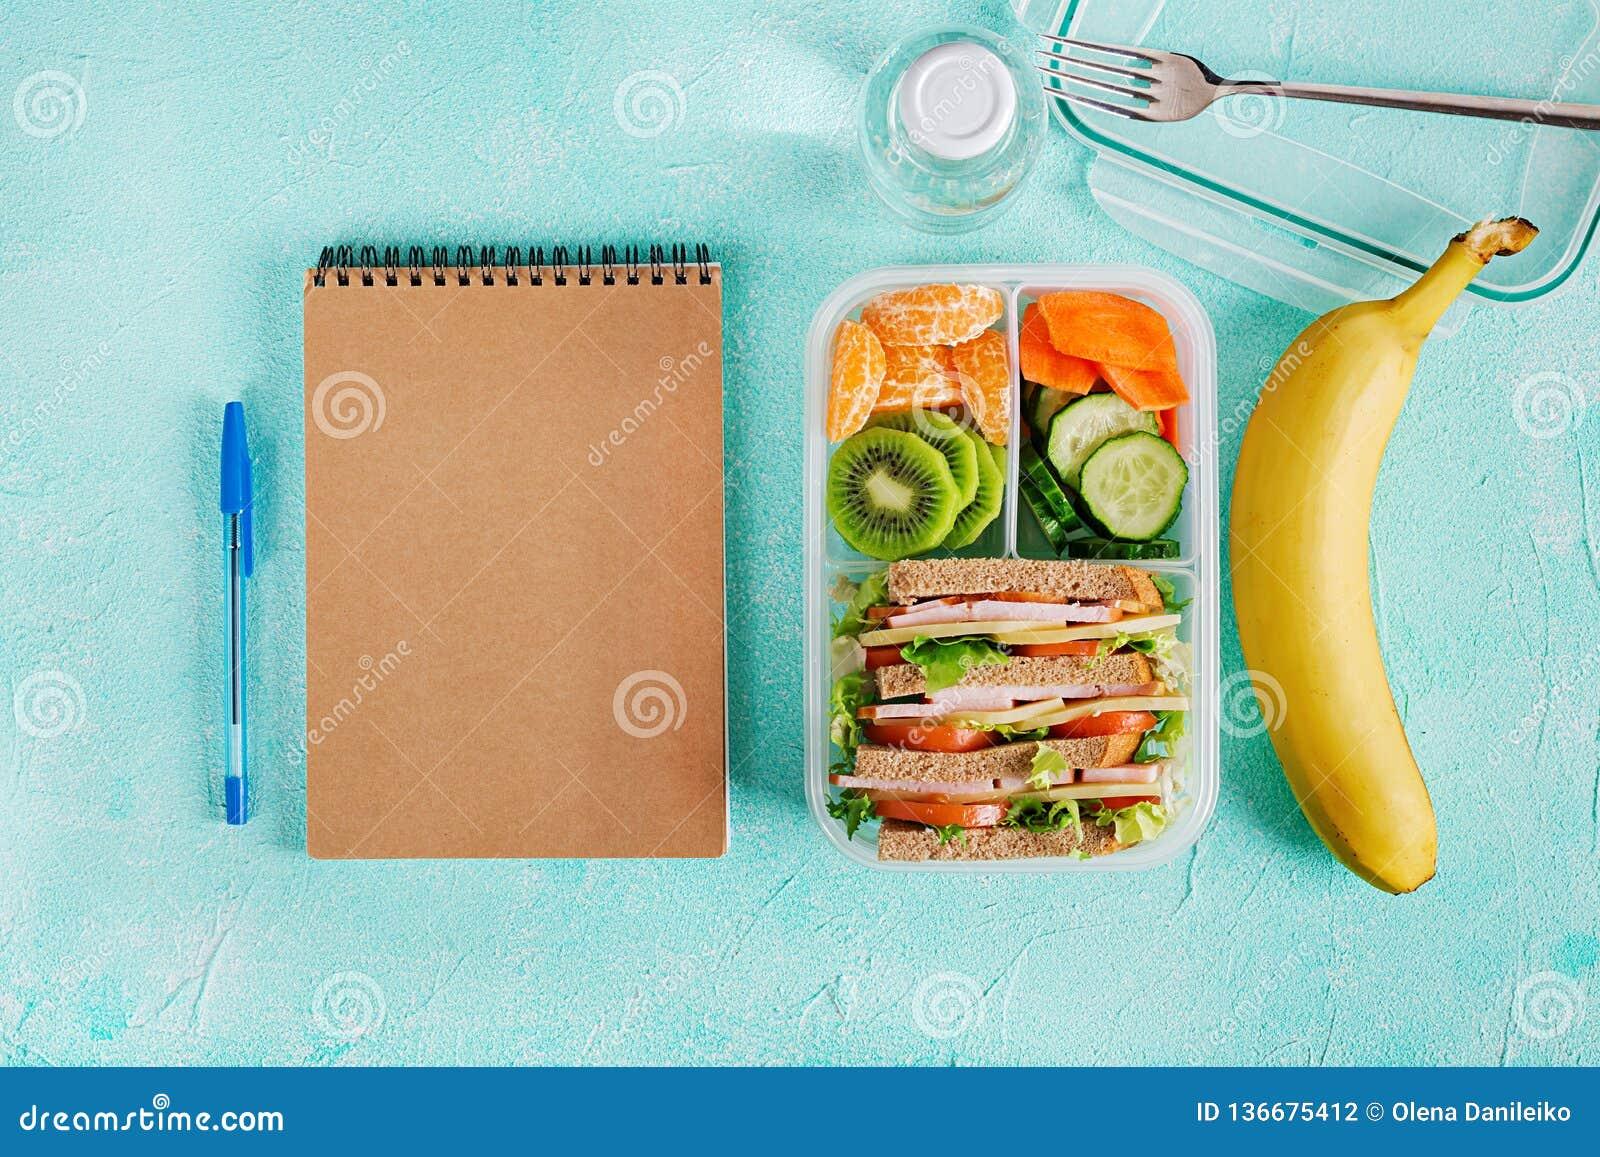 Σχολικό καλαθάκι με φαγητό με το σάντουιτς, τα λαχανικά, το νερό, και τα φρούτα στον πίνακα